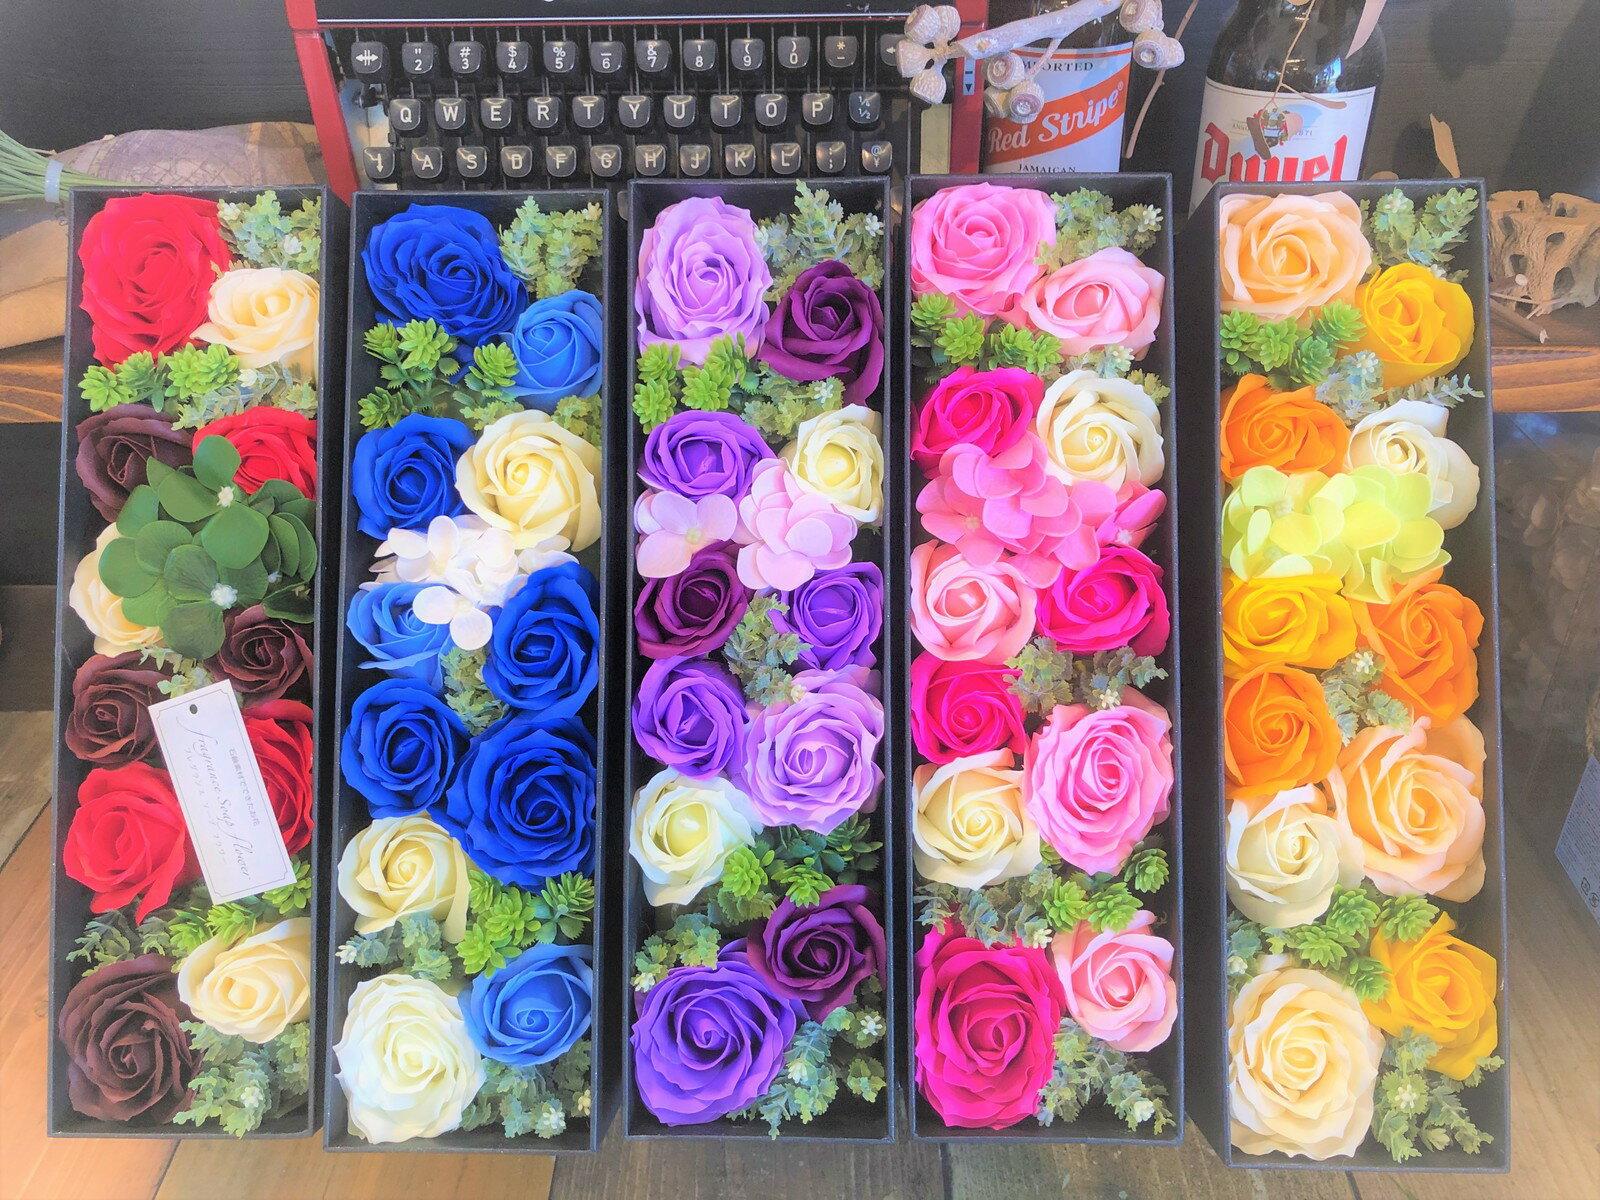 【あす楽】【クーポン】NEWスリムフラワーMボックス♪ 送料無料  シャボンフラワー 石鹸フラワー 枯れない花 造花 かわいい 人気 オススメ ソープフラワー